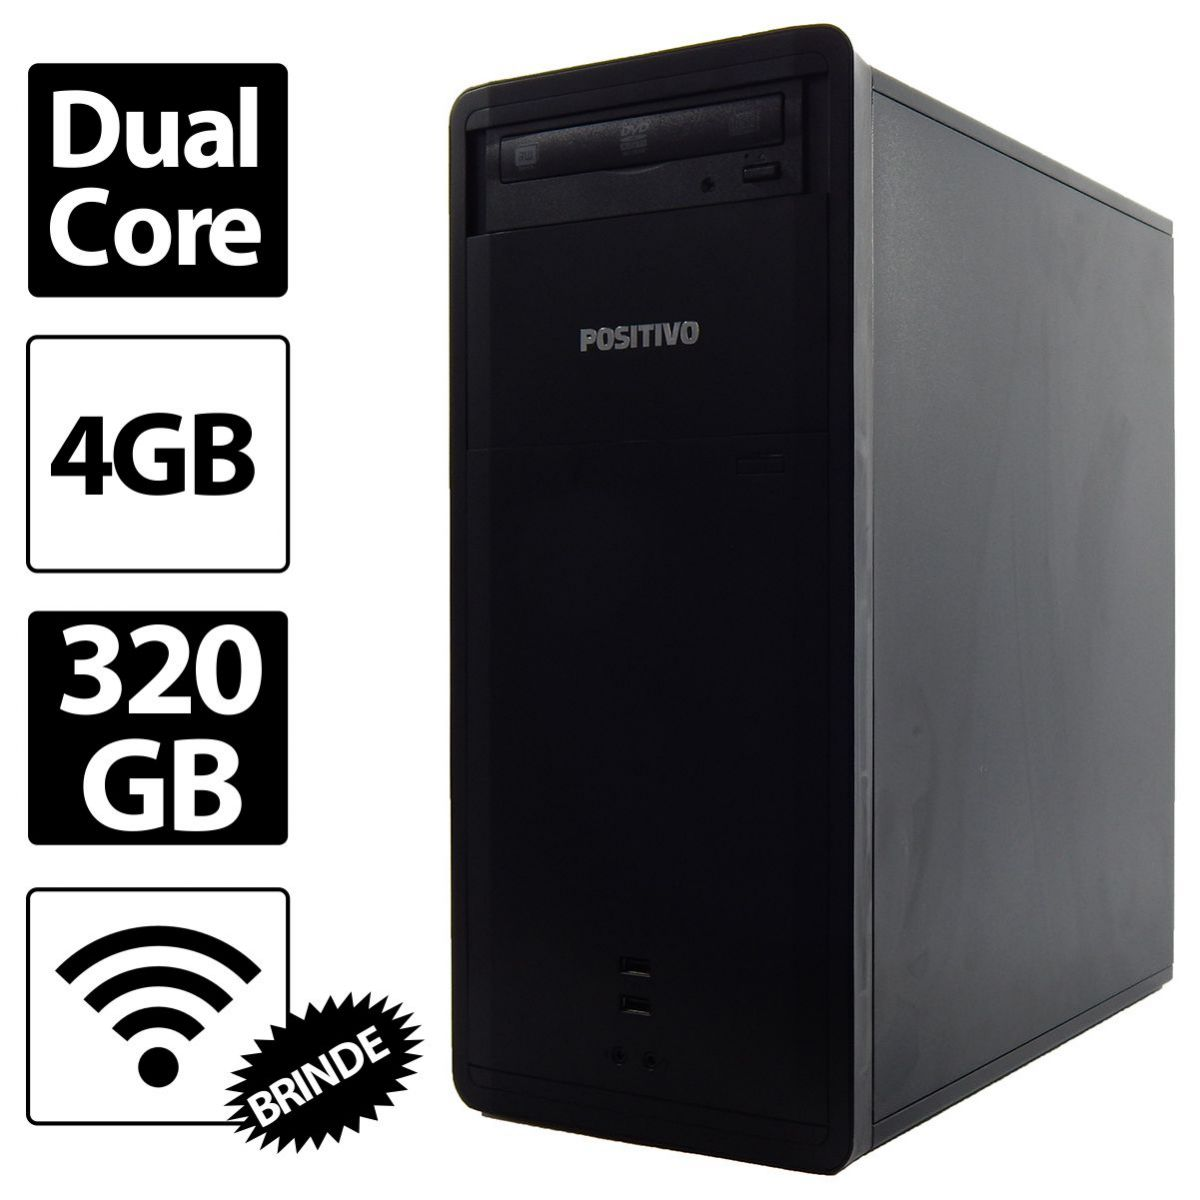 PC Positivo Premium Intel Celeron Dual 847 4GB 320GB - Novo - Reembalado